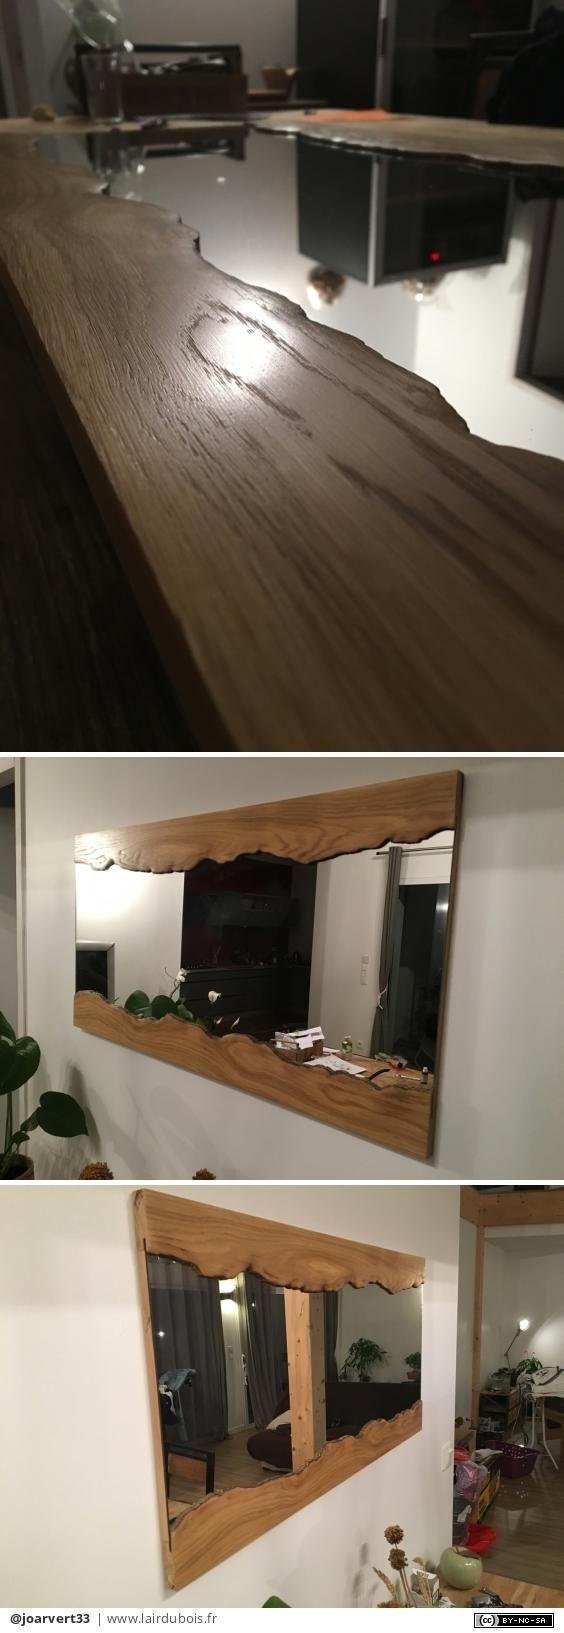 bonjour je vous présente un mirroir réaliser en Chene imitation «live edge»   j'ai recupere u. mirroir Ilea a 10€ , une planche chene à 20€ chez l...y m....n et de la colle époxy a 10€... donc un mirroir pour pas trop cher et sympa dans le salon!  #lairdubois #decoration #miroir